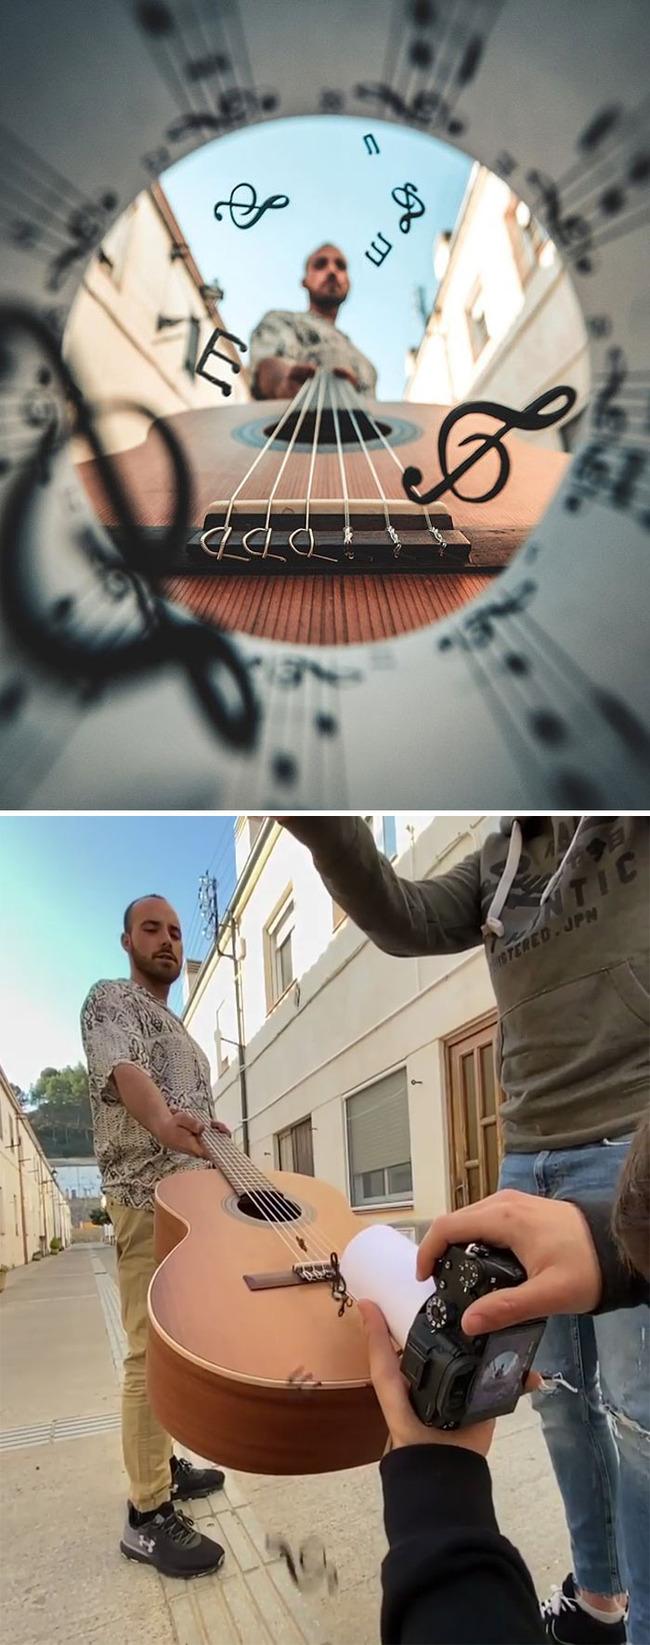 photography-tricks-jordi-koalitic-5f6b1a9964fed__700